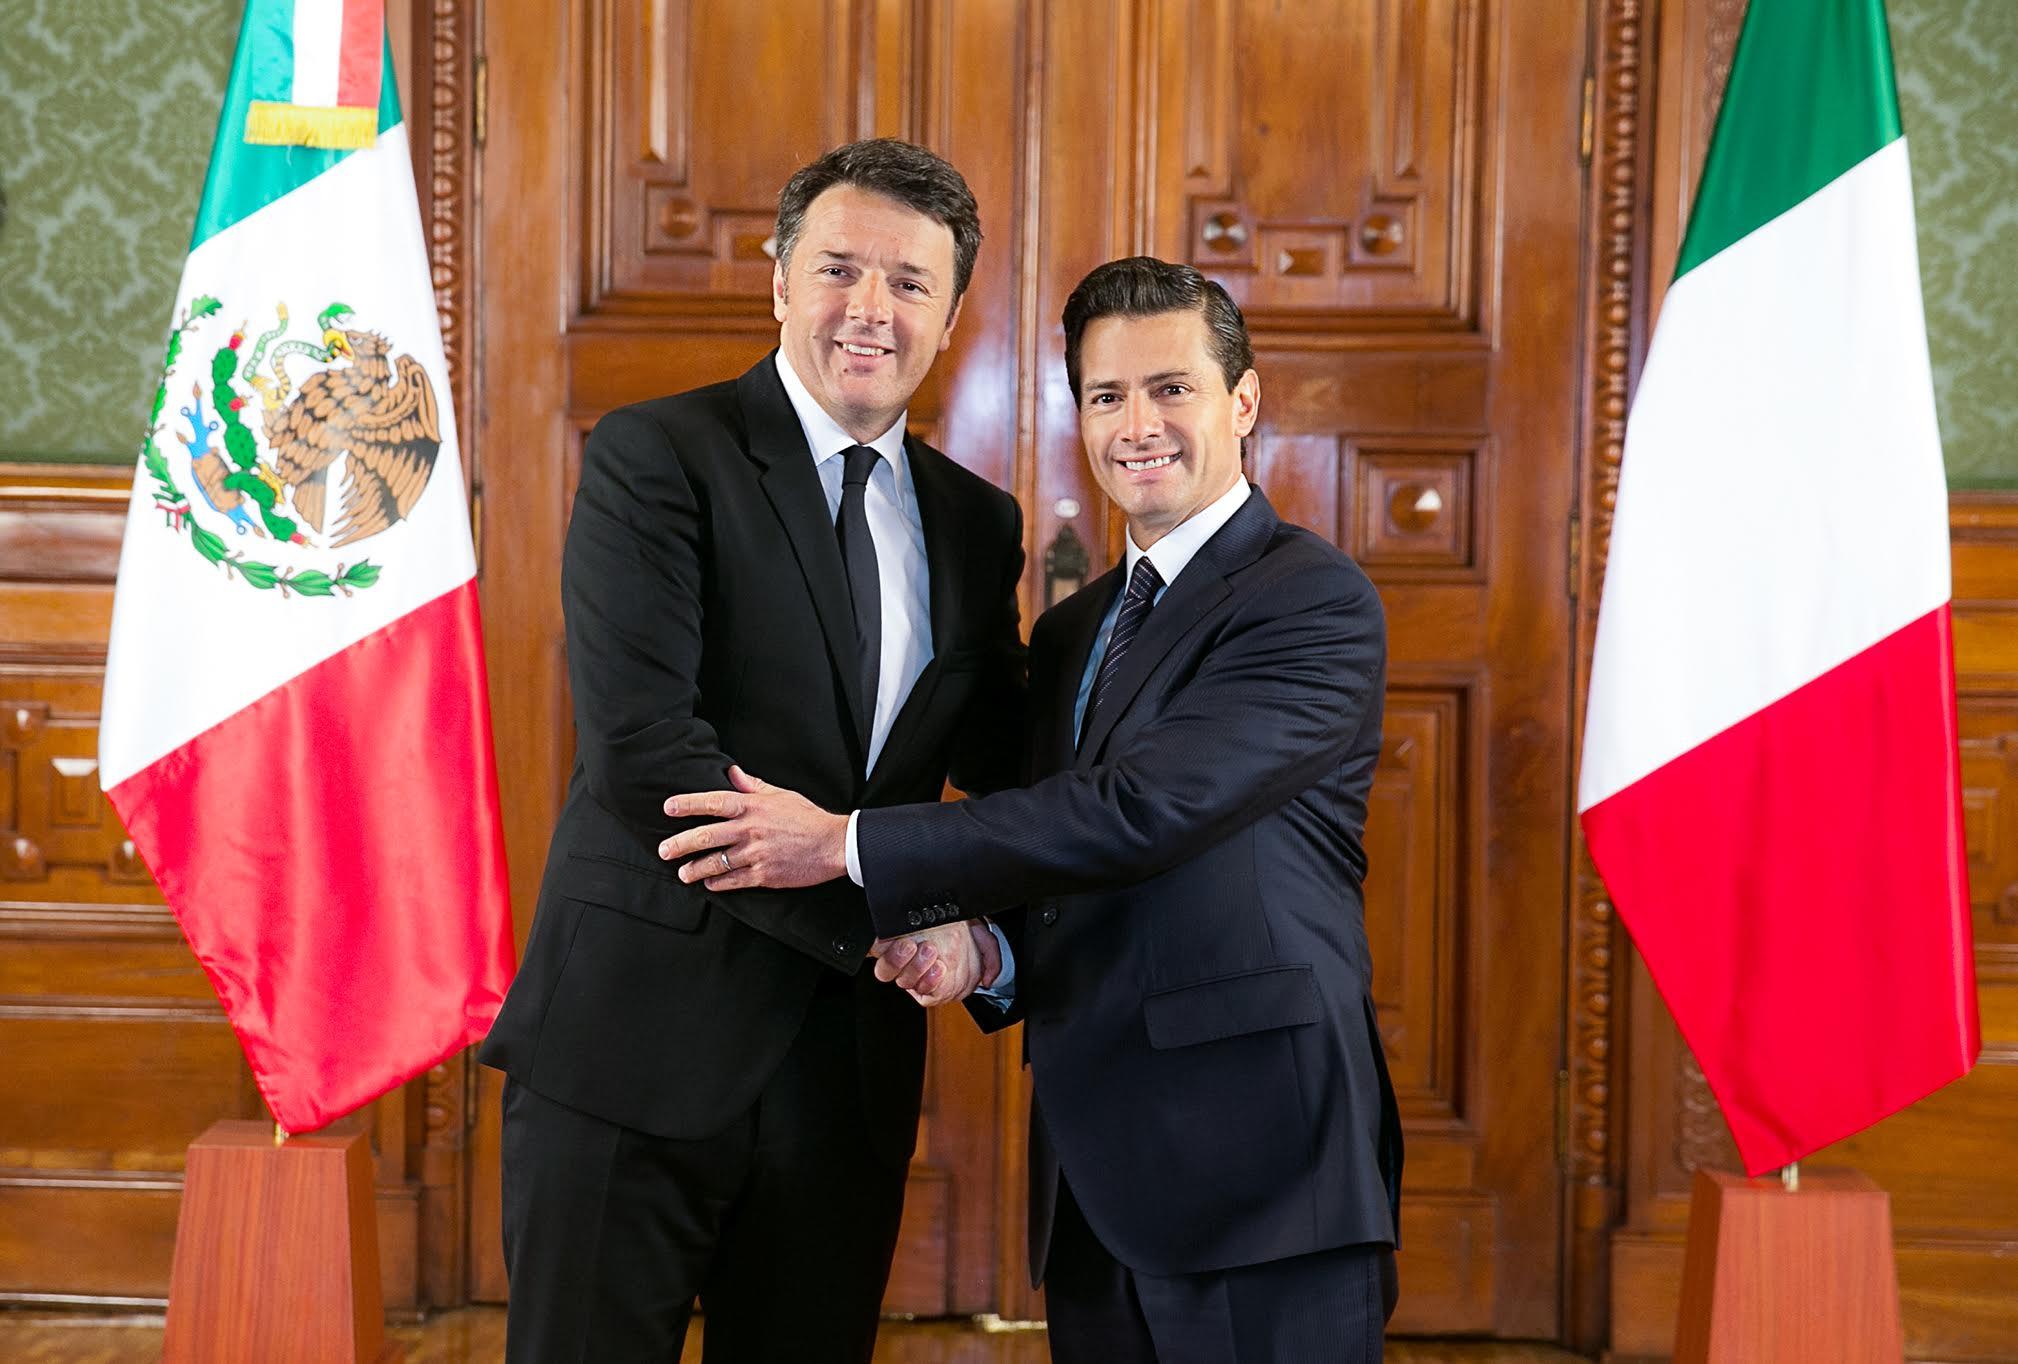 El Presidente Enrique Peña Nieto recibe en Palacio Nacional al Ministro de Italia, Matteo Renzi.